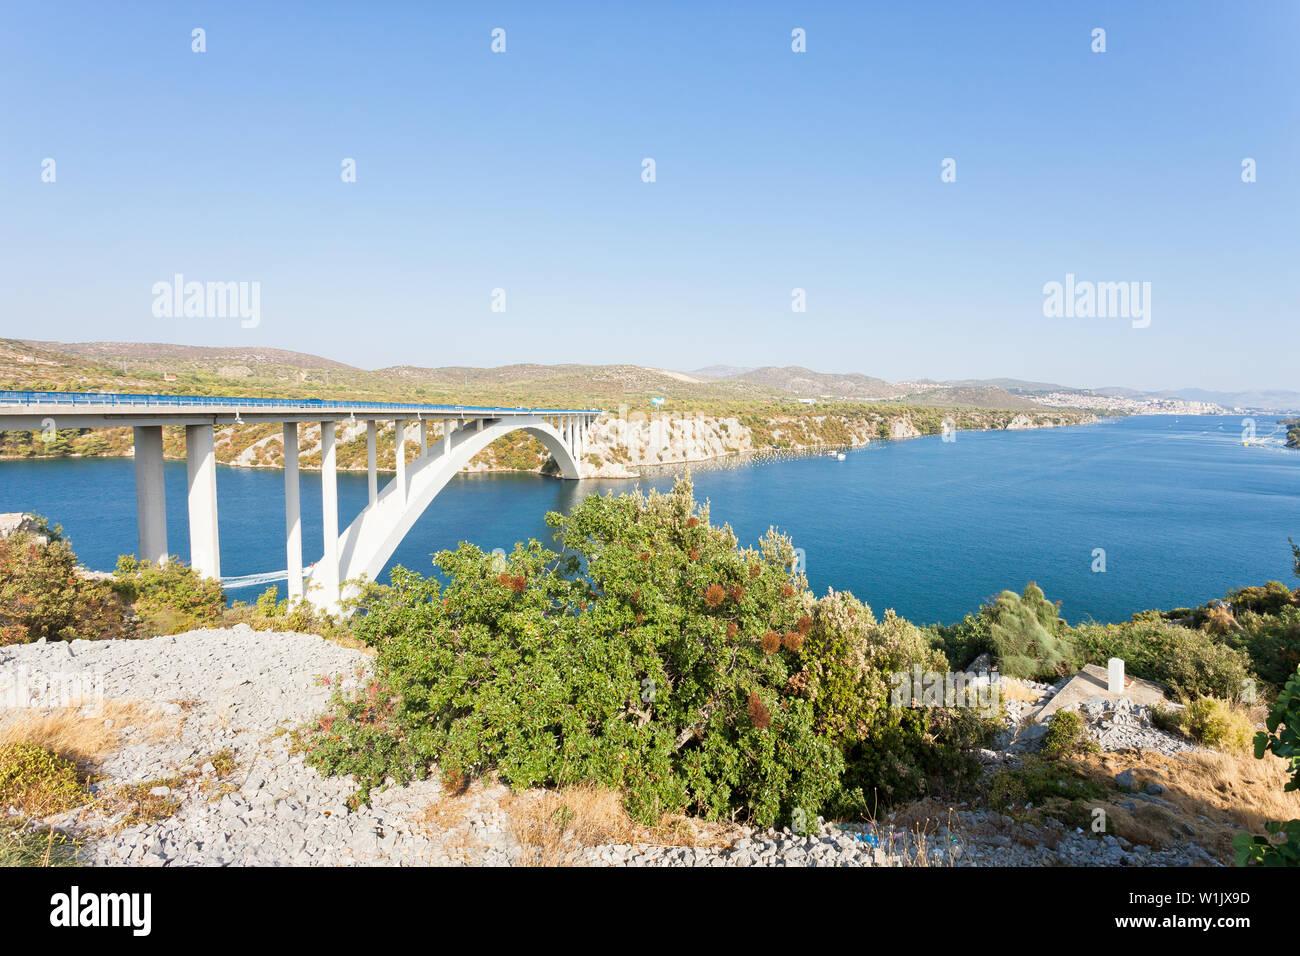 Sibenik, Kroatien, Europa - an der berühmten sibenski Die meisten Brücke Rest Stockfoto